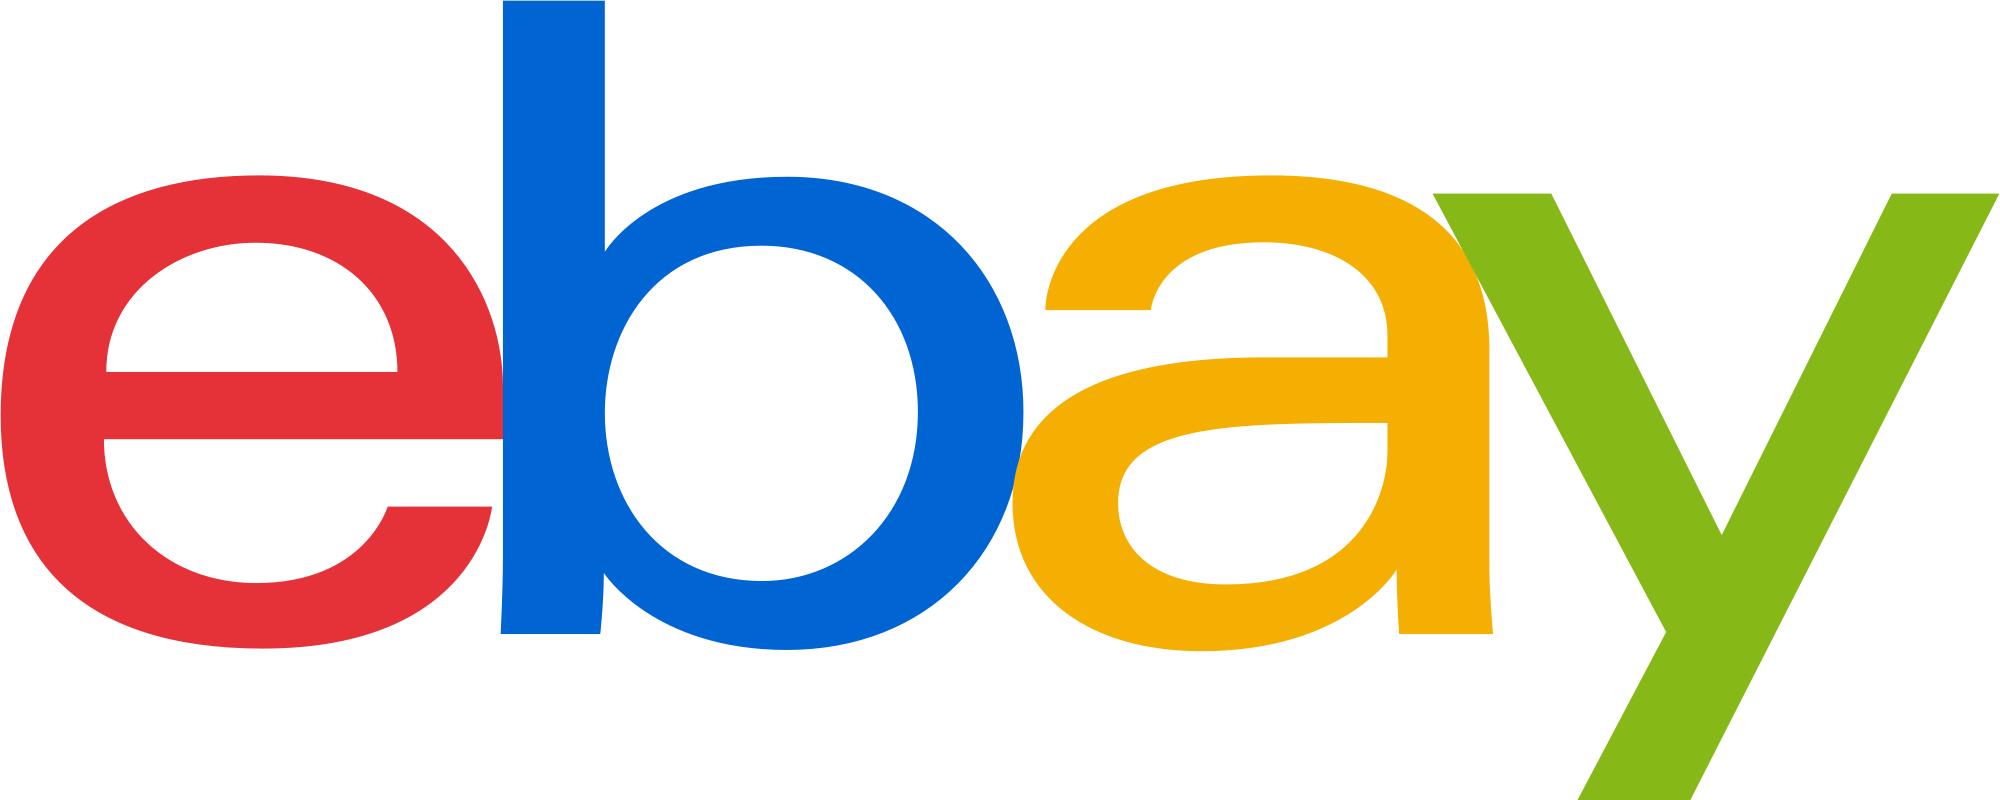 Wieder da: Ebay - NUR BIS SONNTAG - NUR FÜR EINGELADENE VERKÄUFER: 1 EURO pro ANGEBOT und KEINE VERKAUFSPROVISION